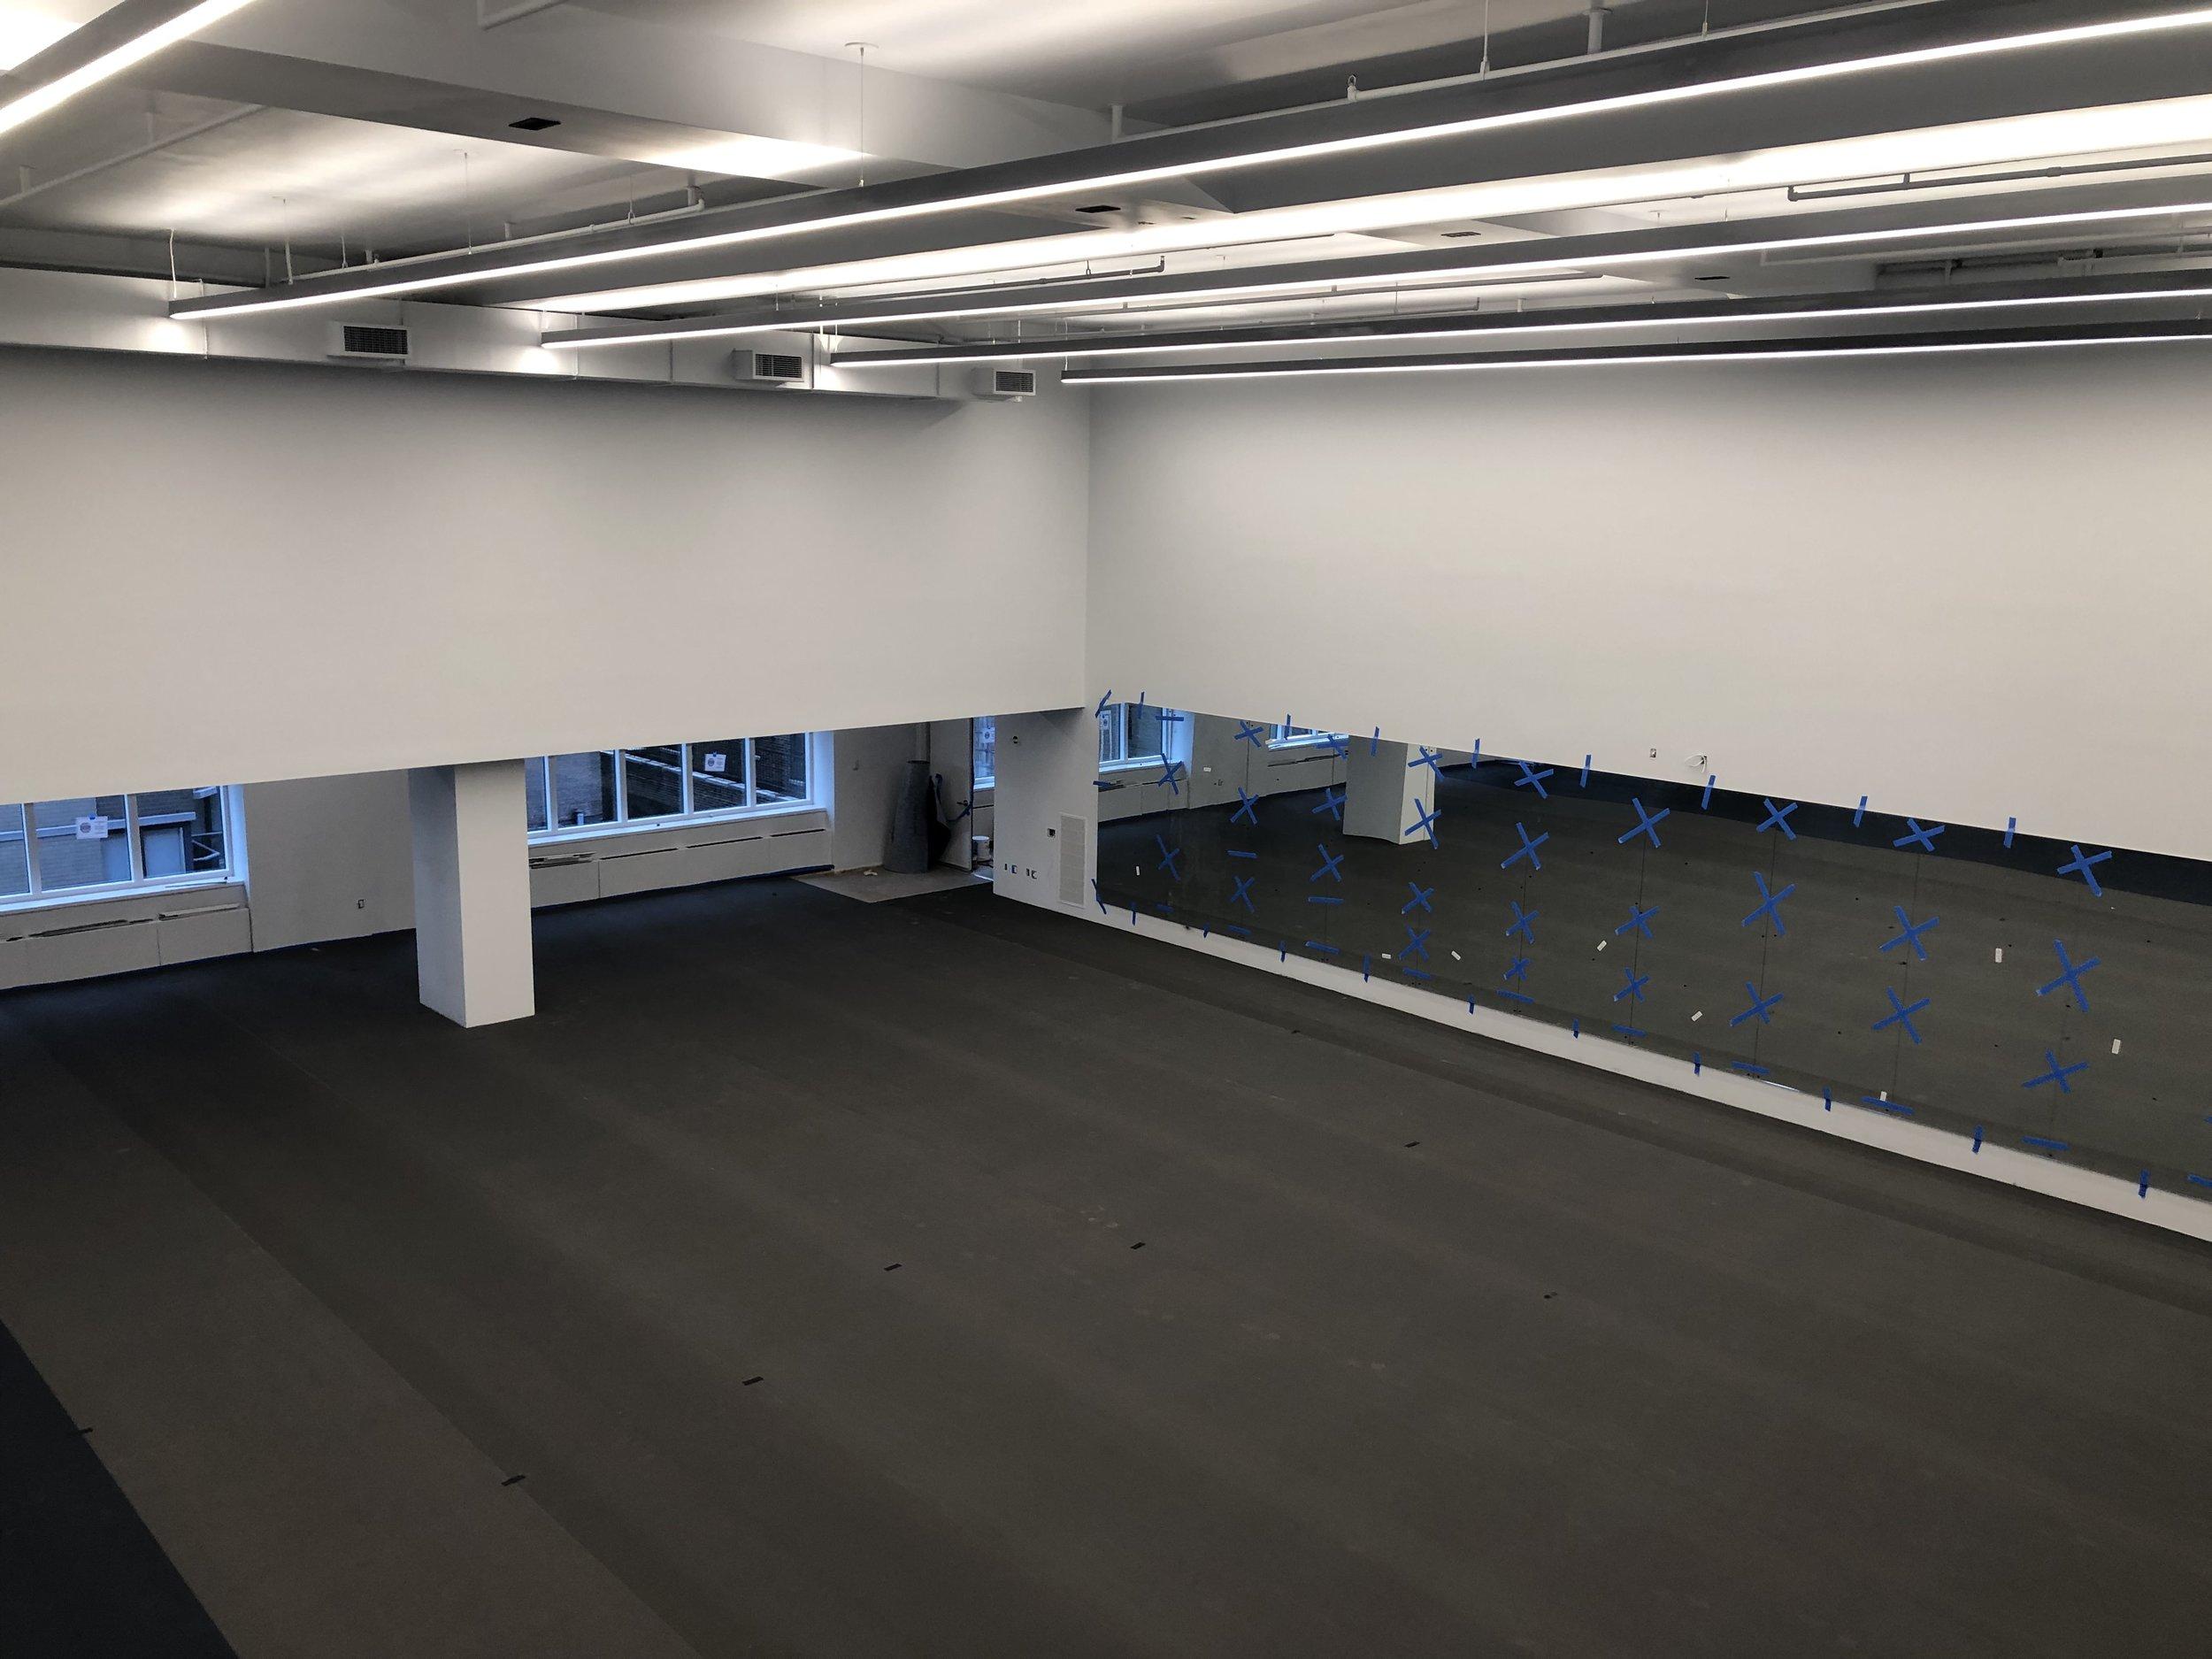 11A floor prep for marley